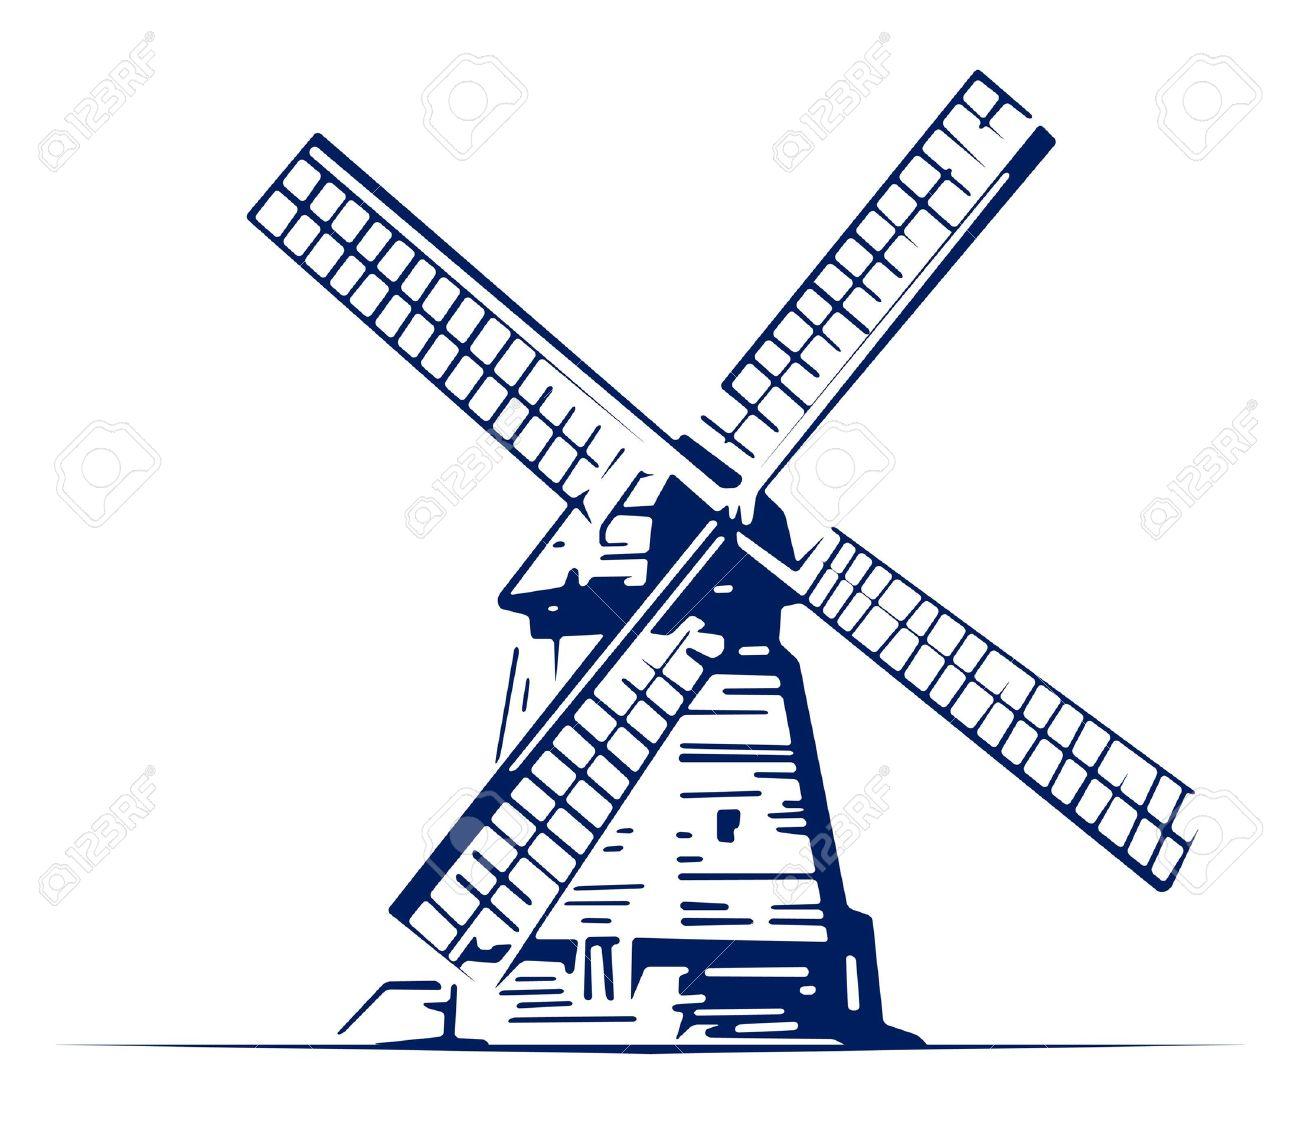 mill emblem Stock Vector - 9613153